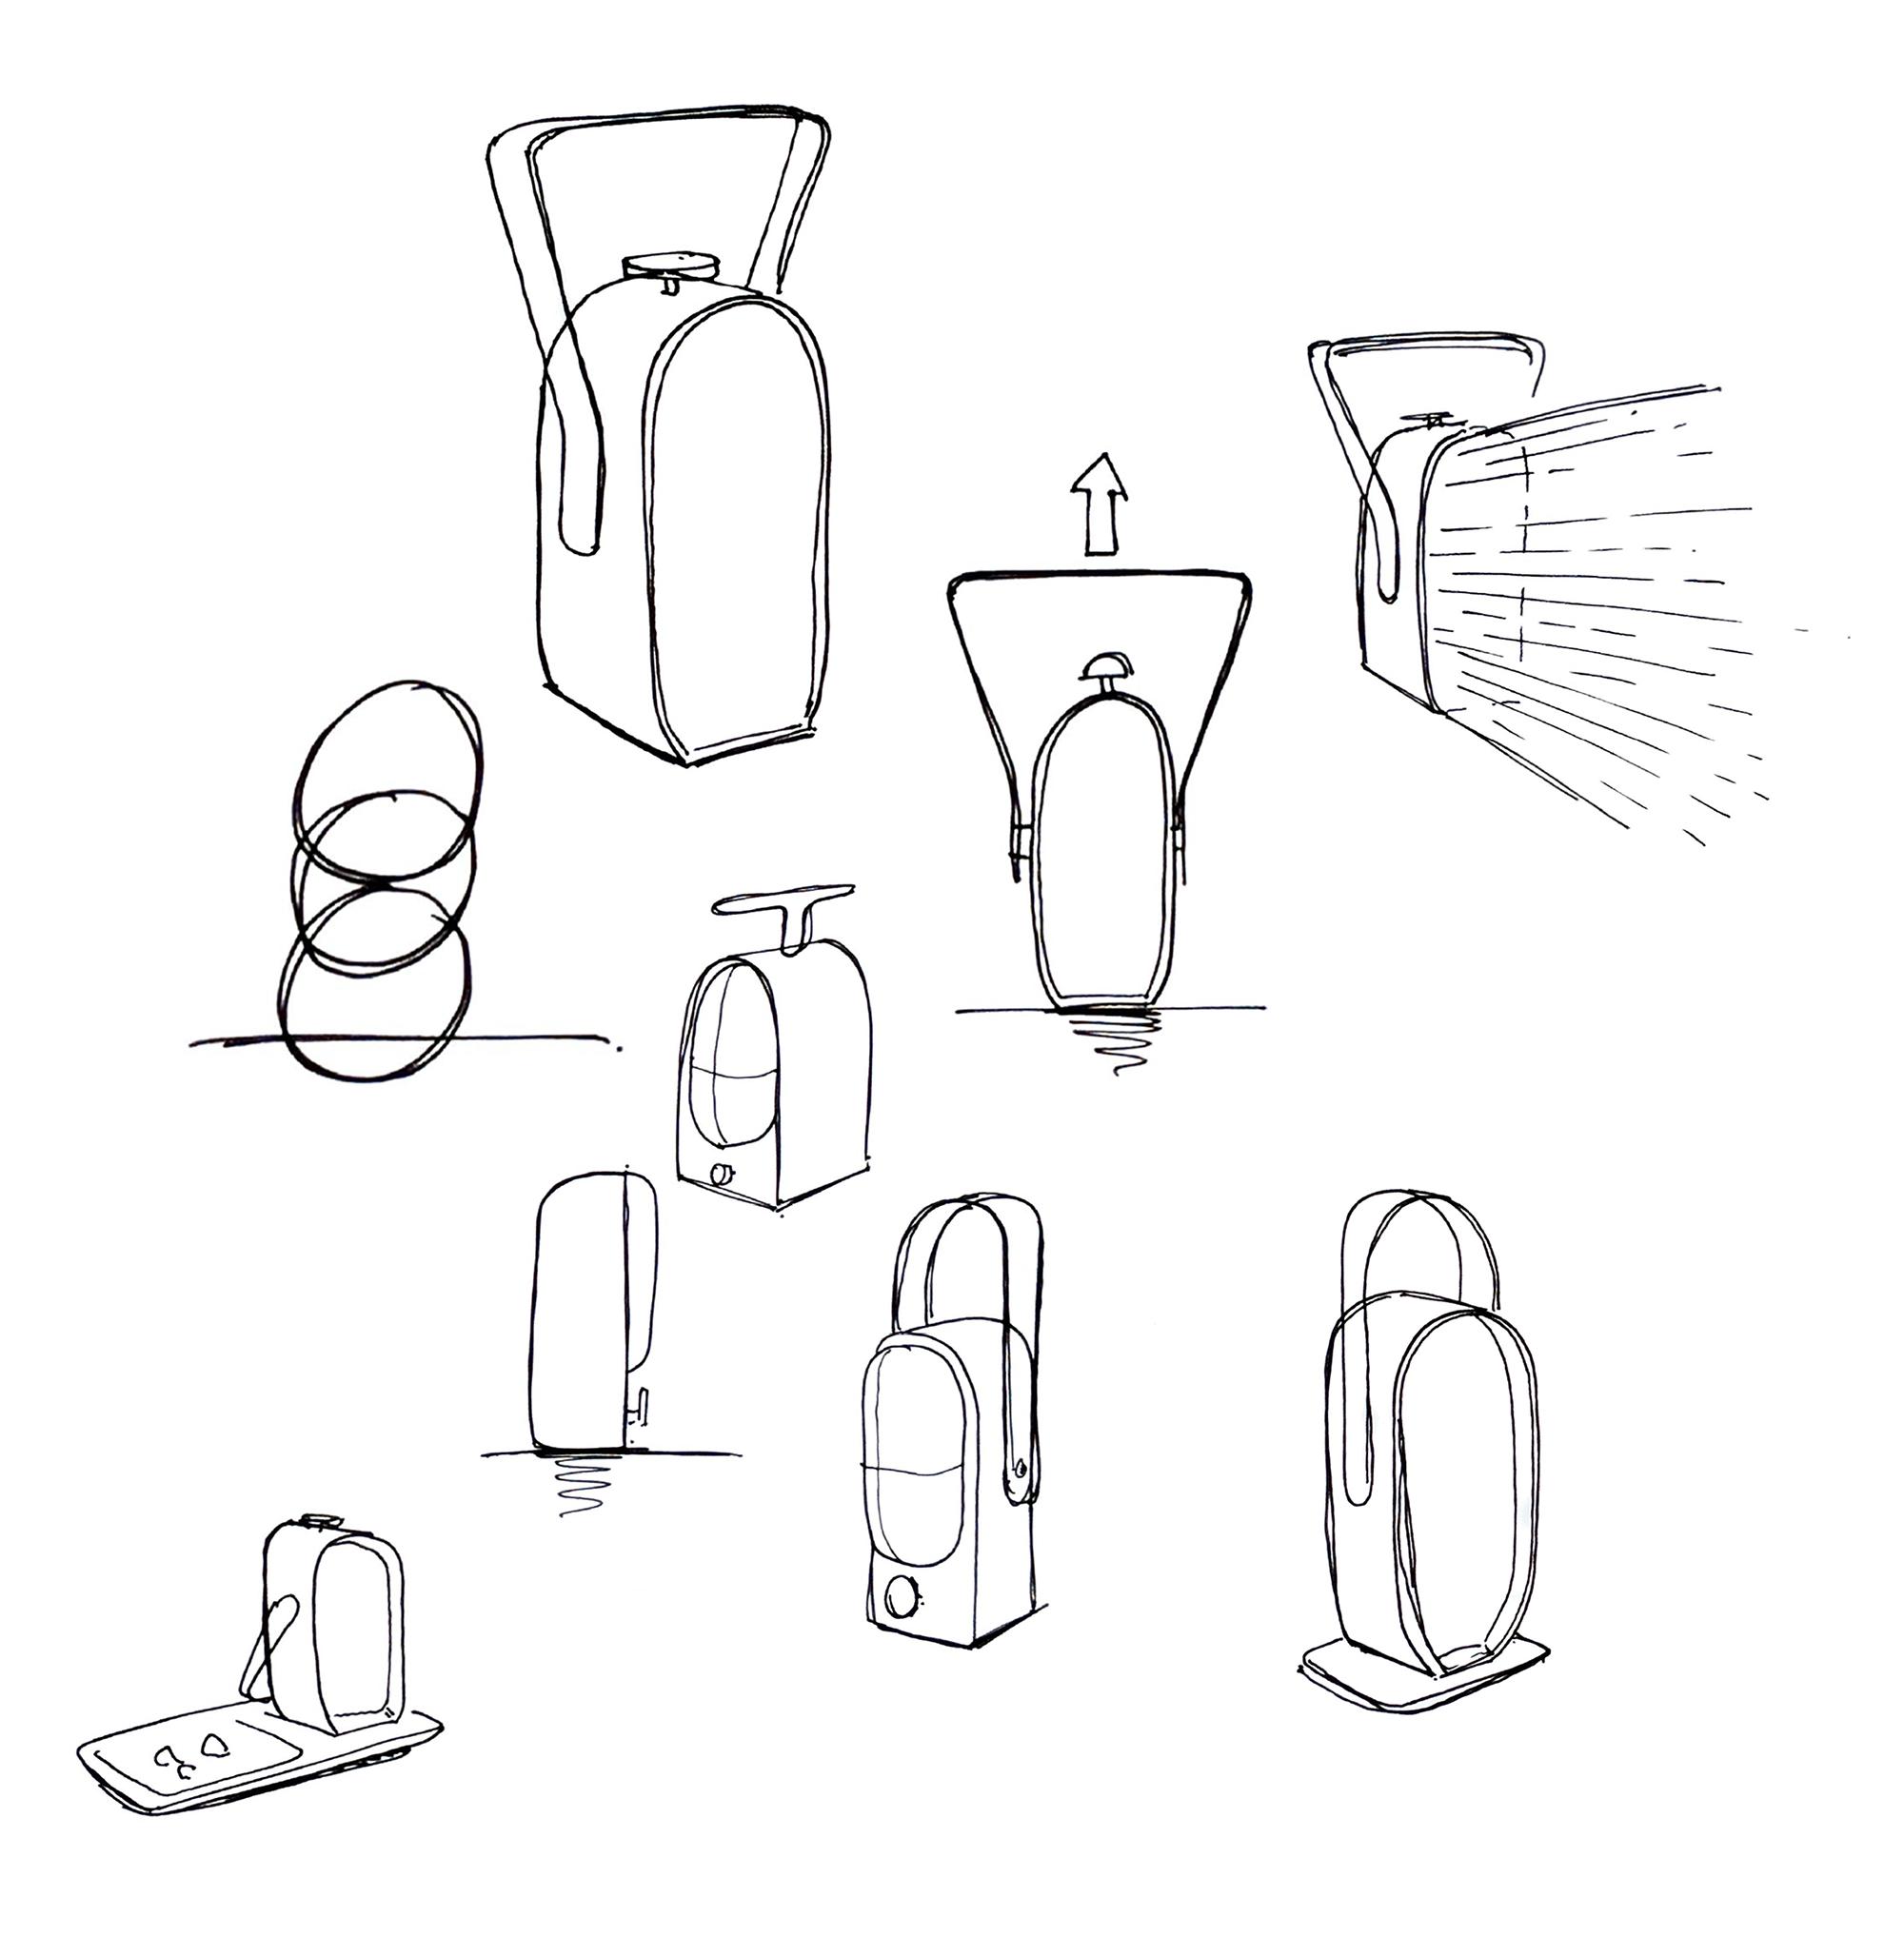 Lantern_sketchs_1.png